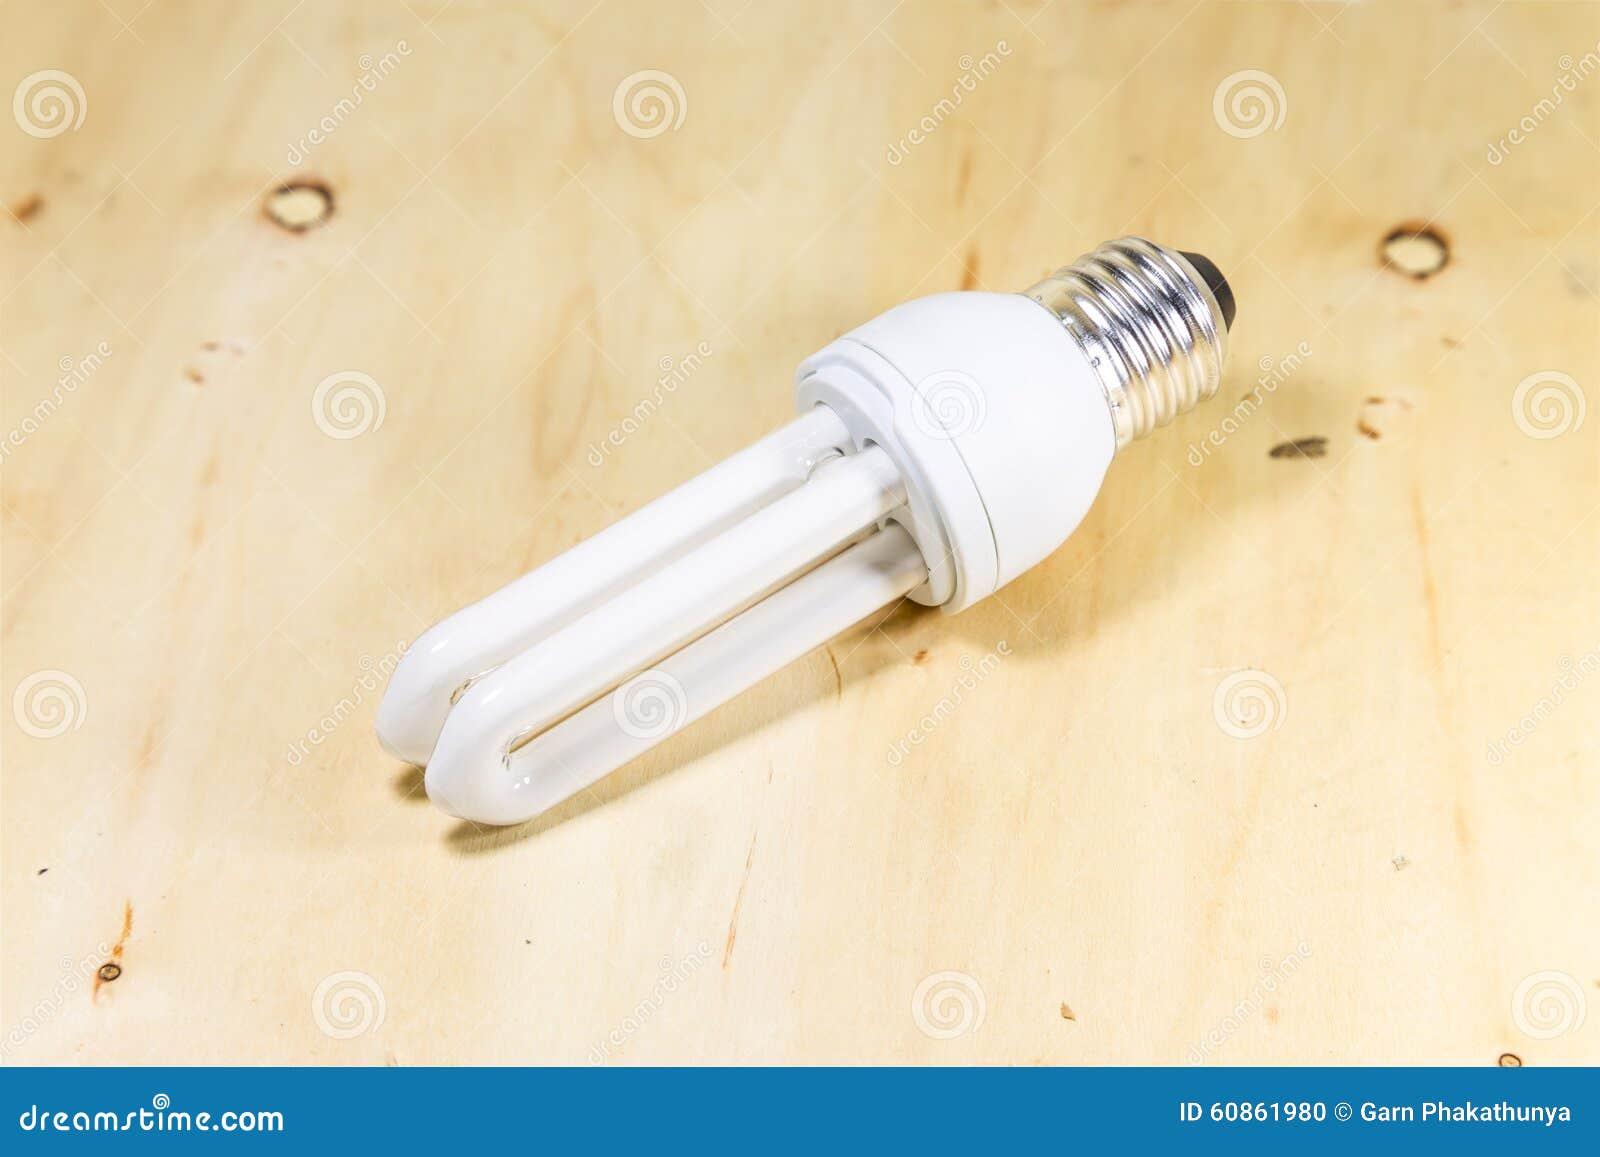 Lampada Tubolare Fluorescente : Lampada tubolare fluorescente standard isolata su fondo di legno